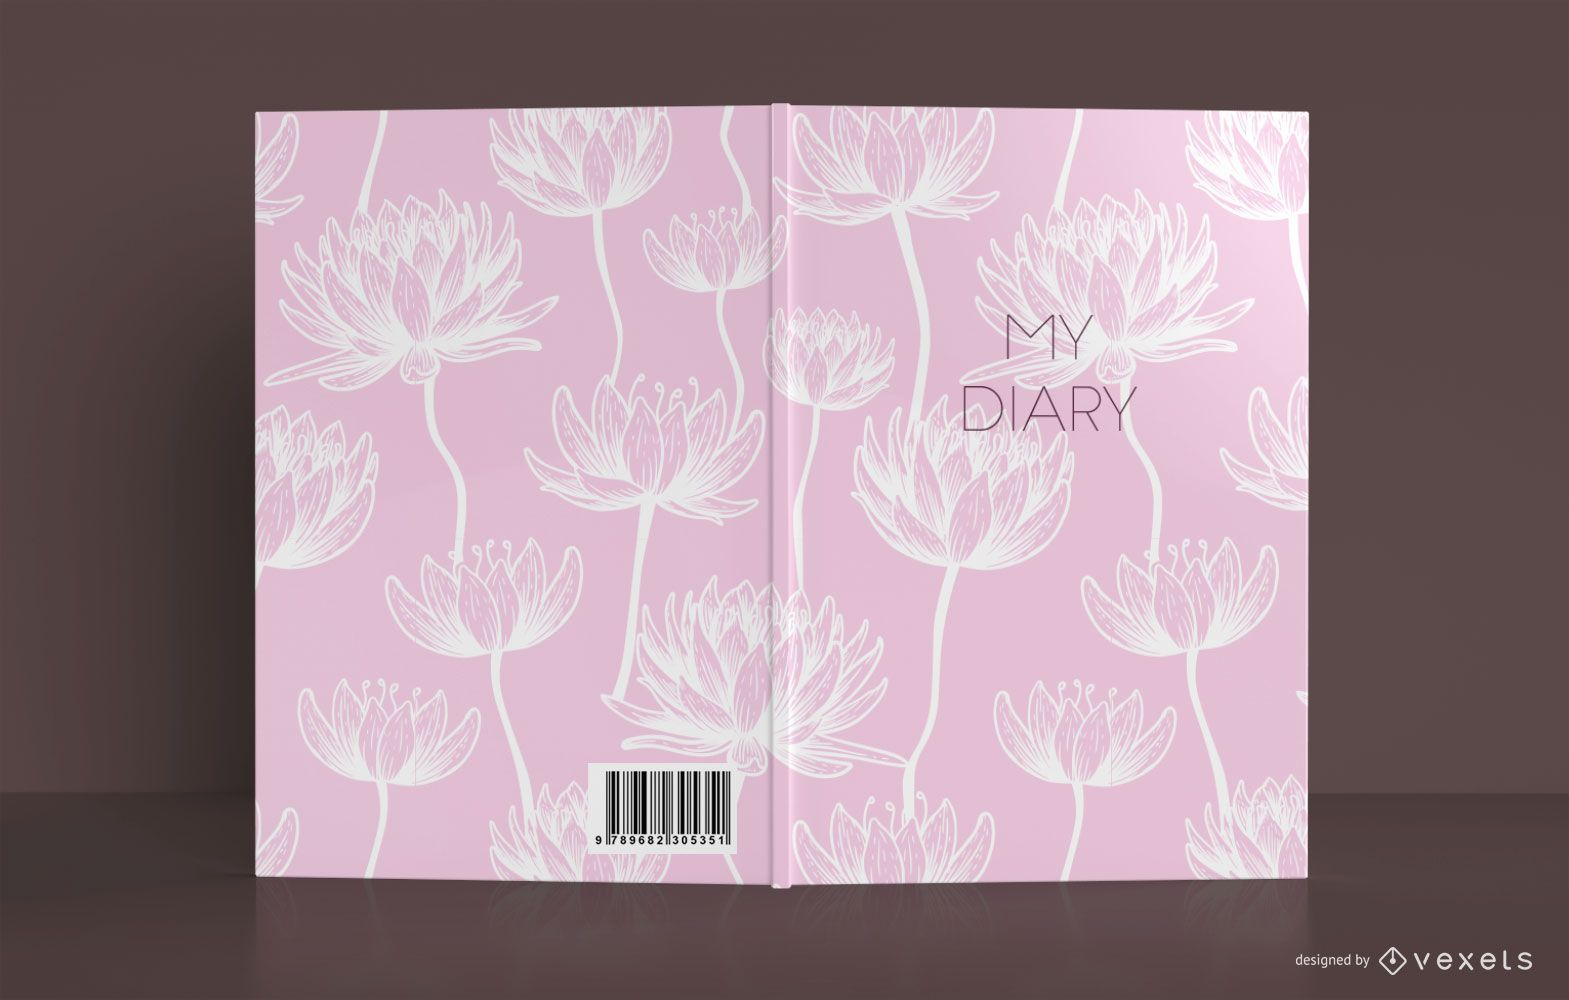 Lotus Diary Book Cover Design